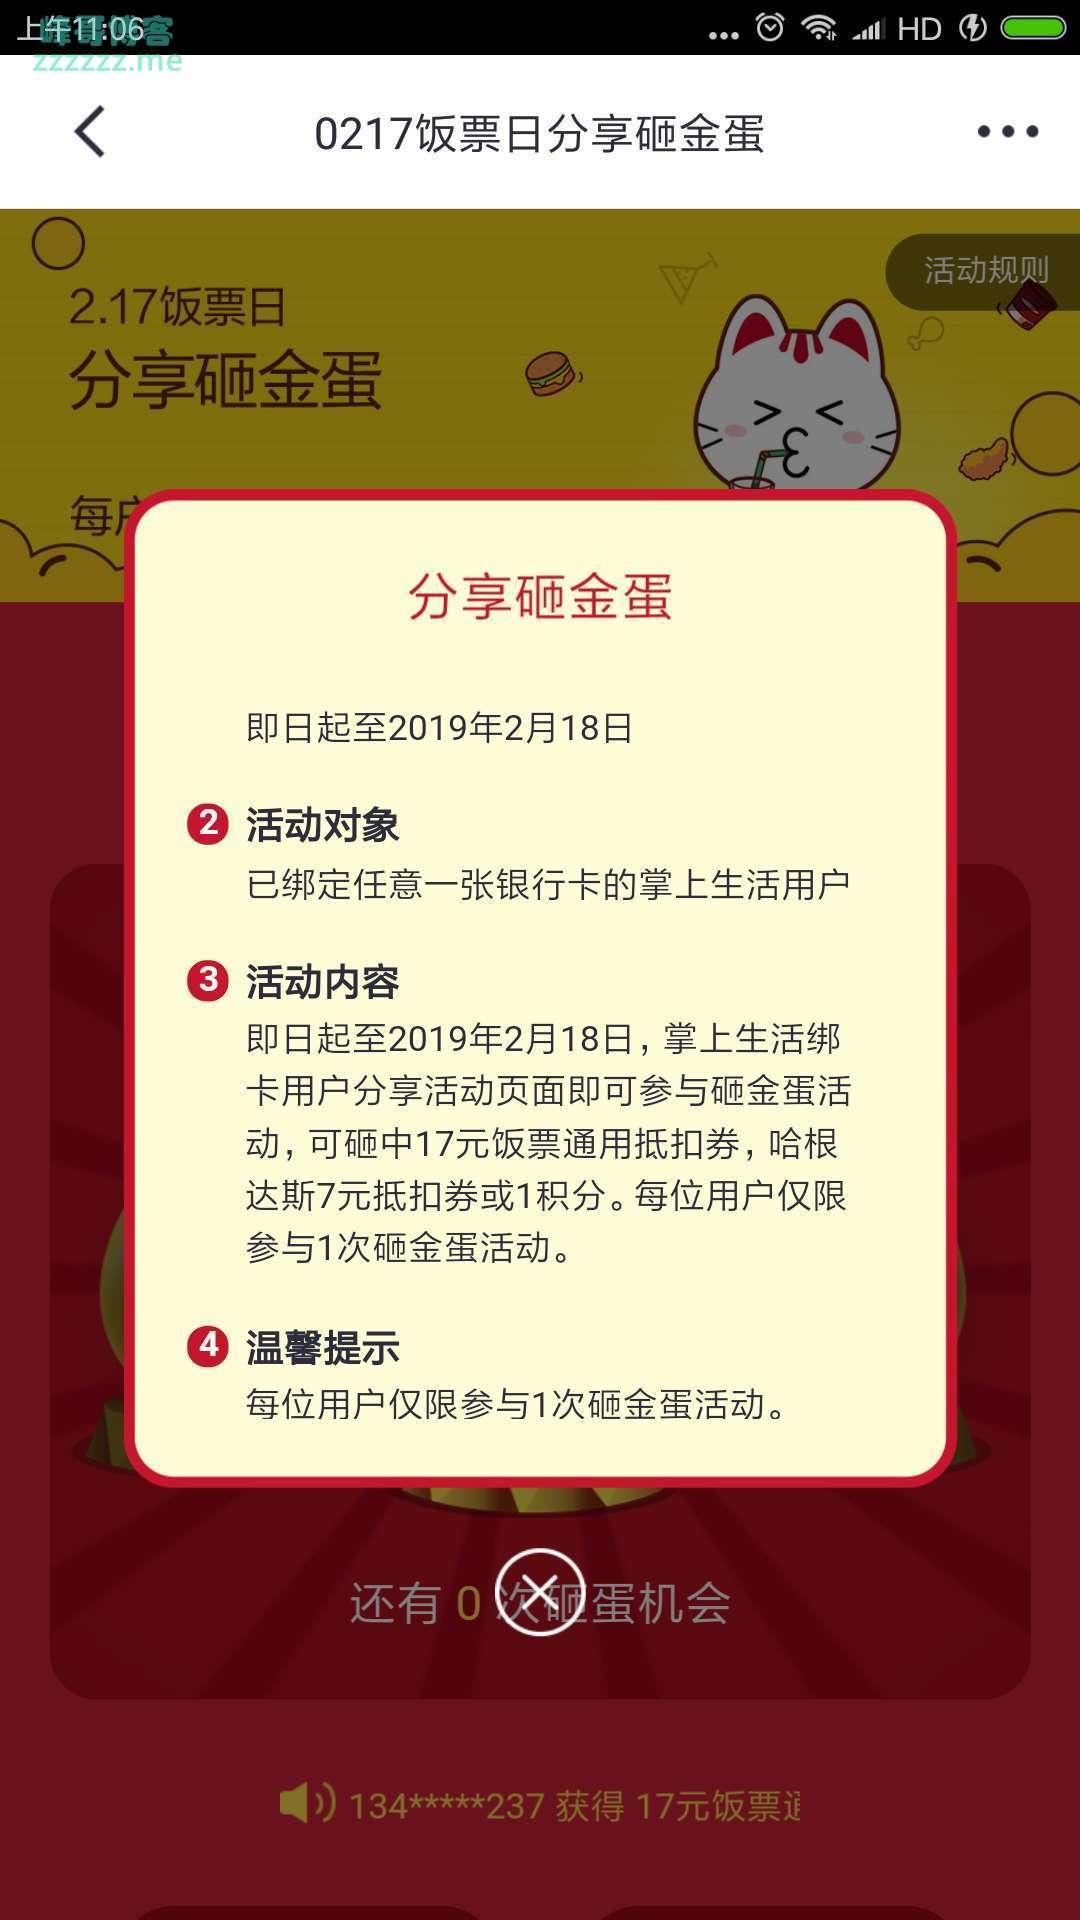 <掌上生活>饭票日分享砸金蛋(截止2月18日)